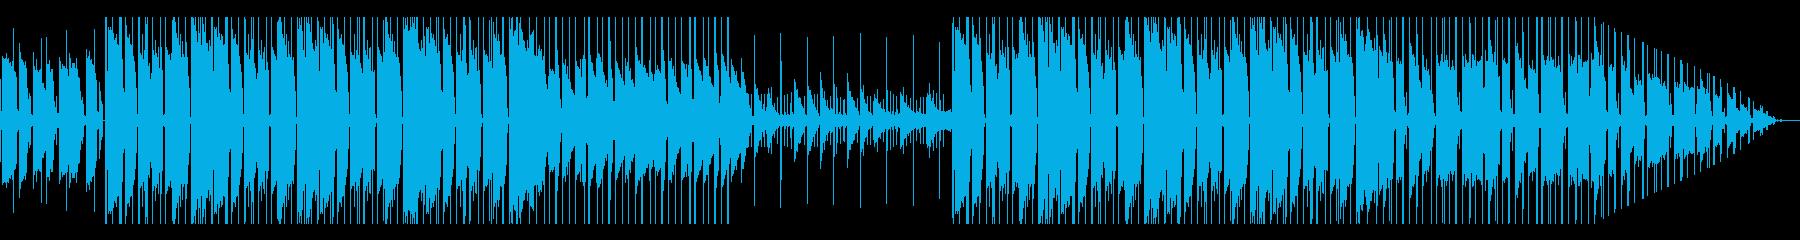 ローファイ ヒップホップ ギター ピアノの再生済みの波形